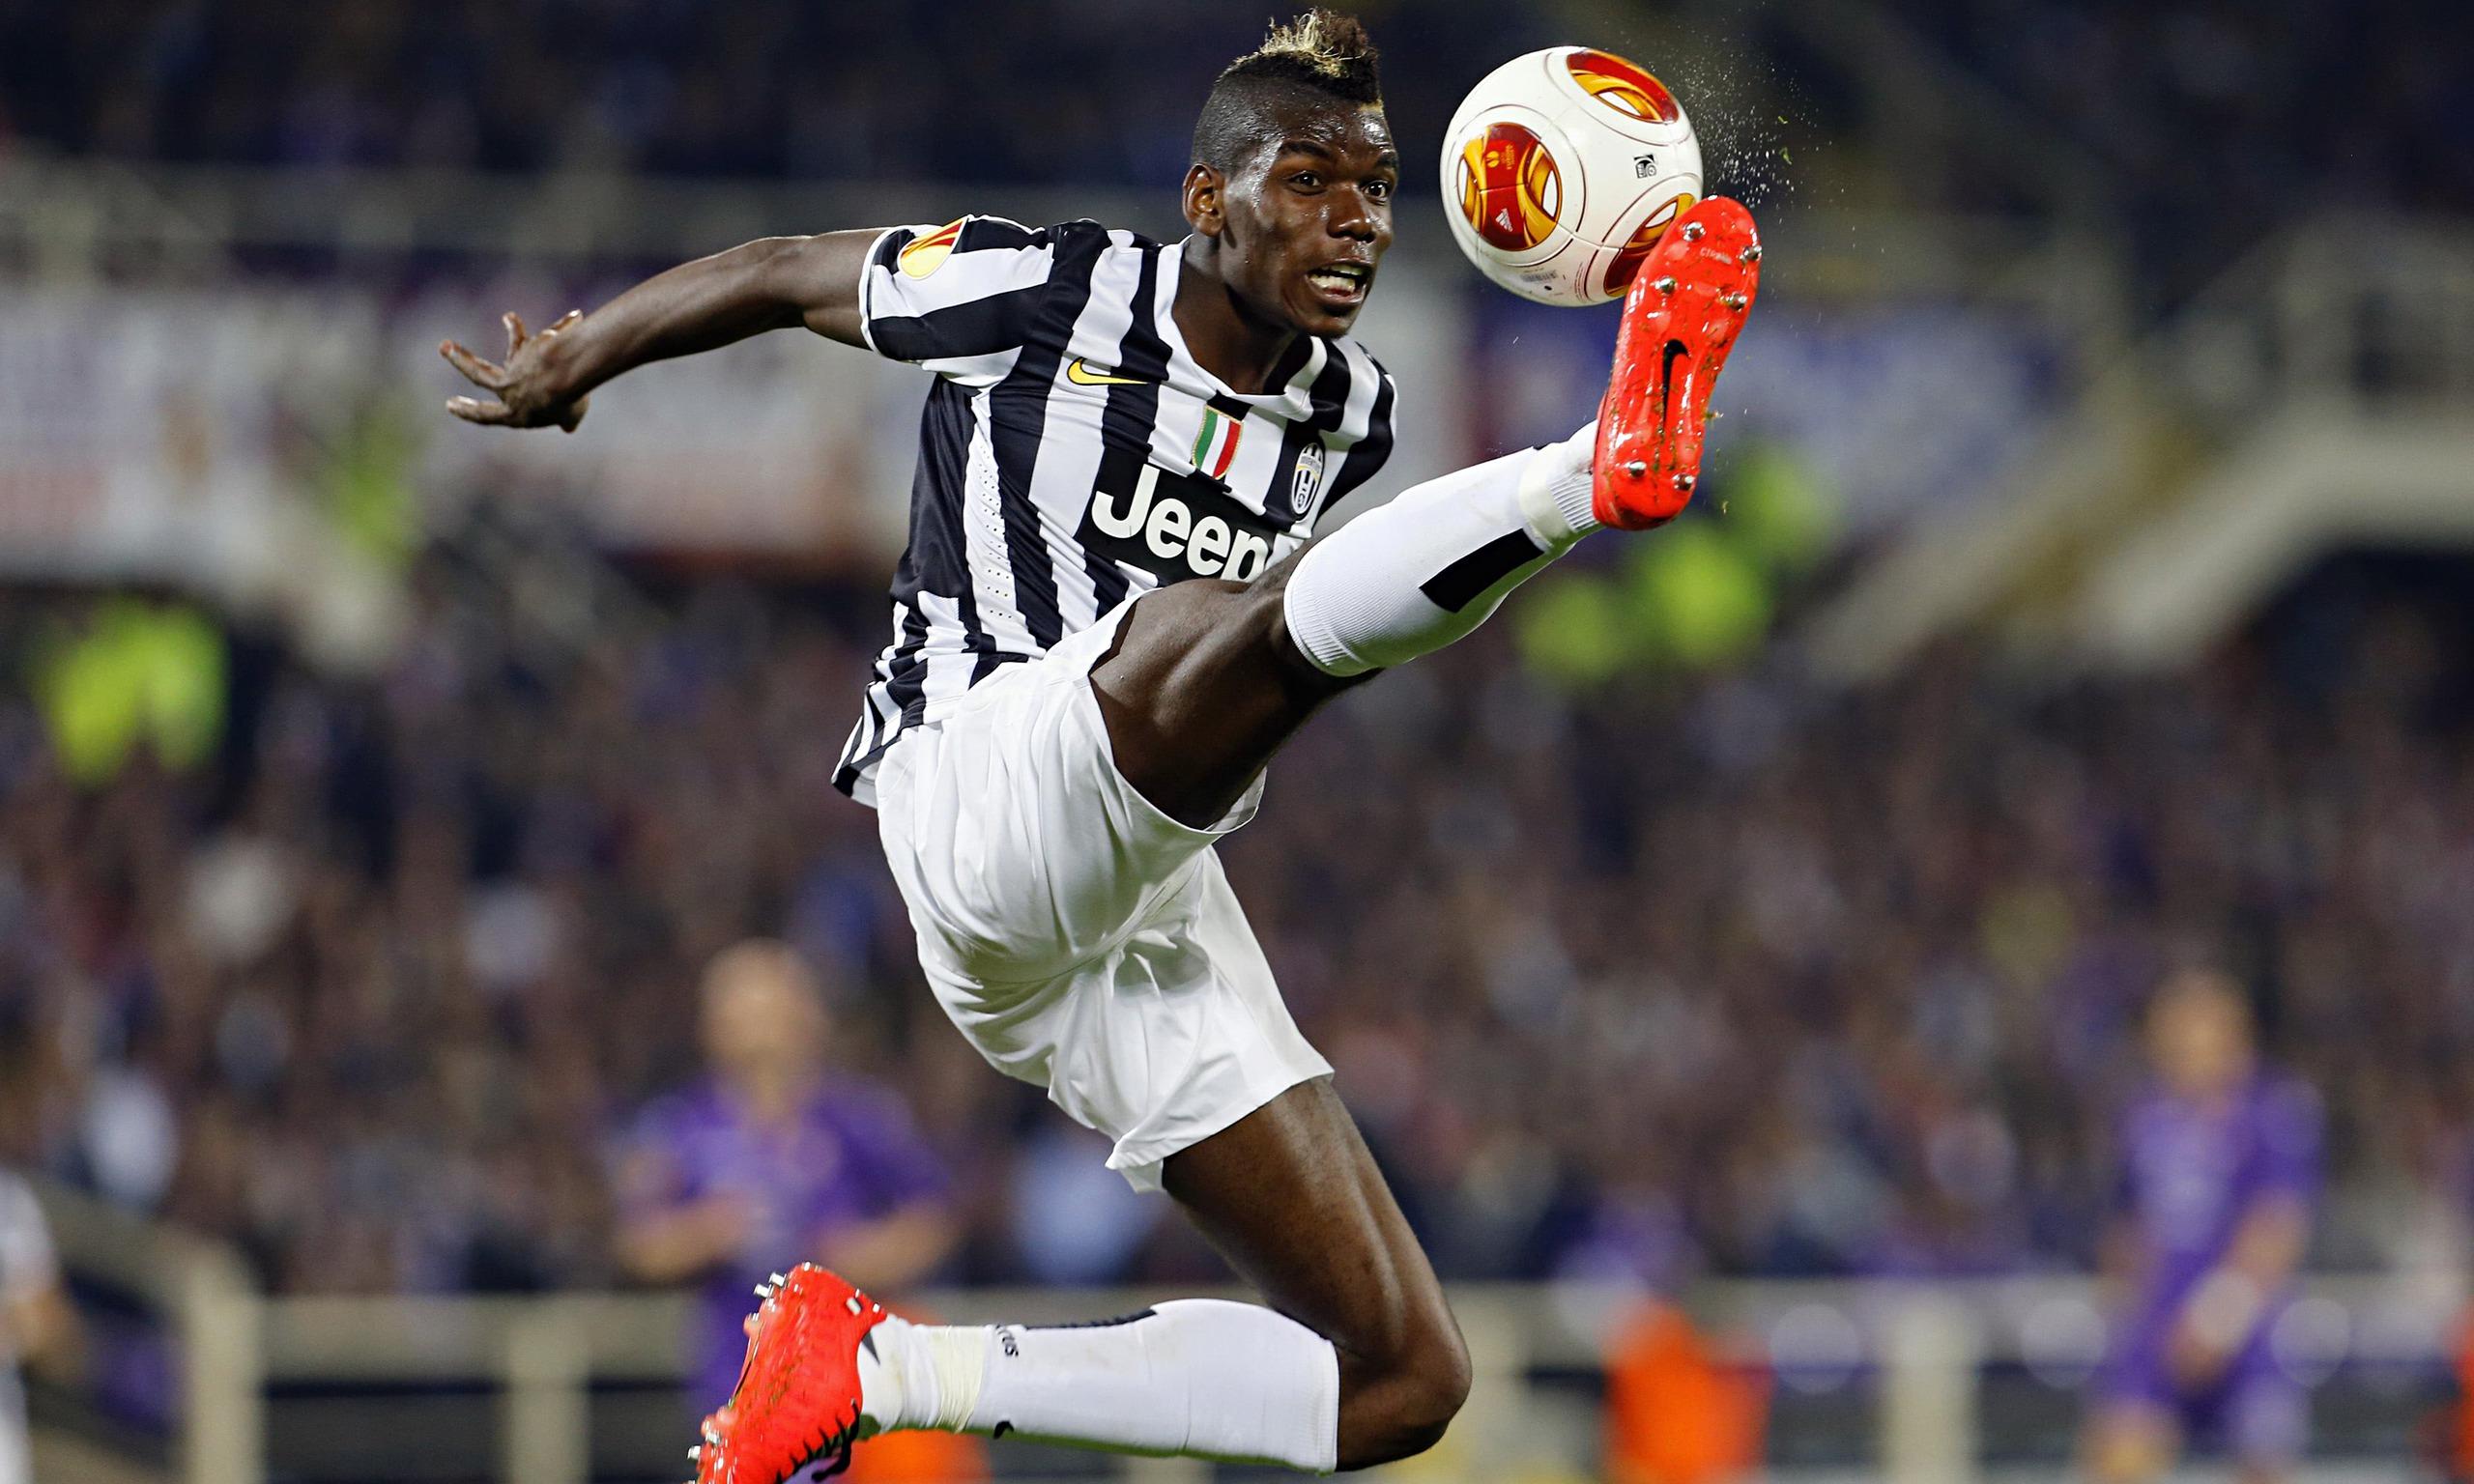 Calcio, la Juve vince contro il Chievo grazie ad un super Pogba e si piazza a +7 dalla Roma